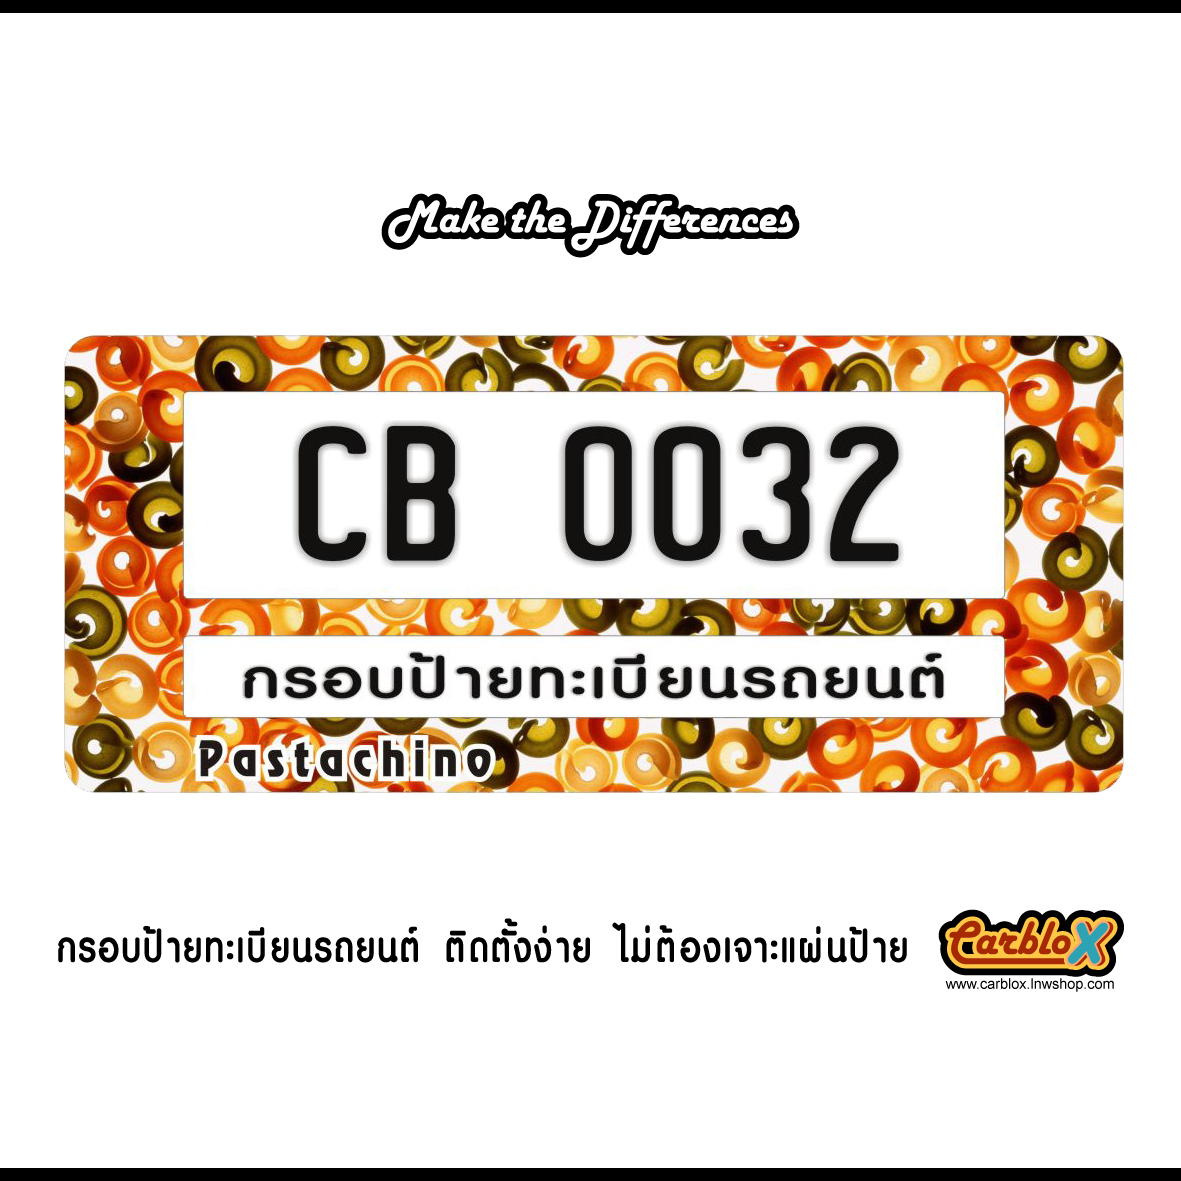 กรอบป้ายทะเบียนรถยนต์ CARBLOX ระหัส CB 0032 ลายวินเทจ VINTAGES.